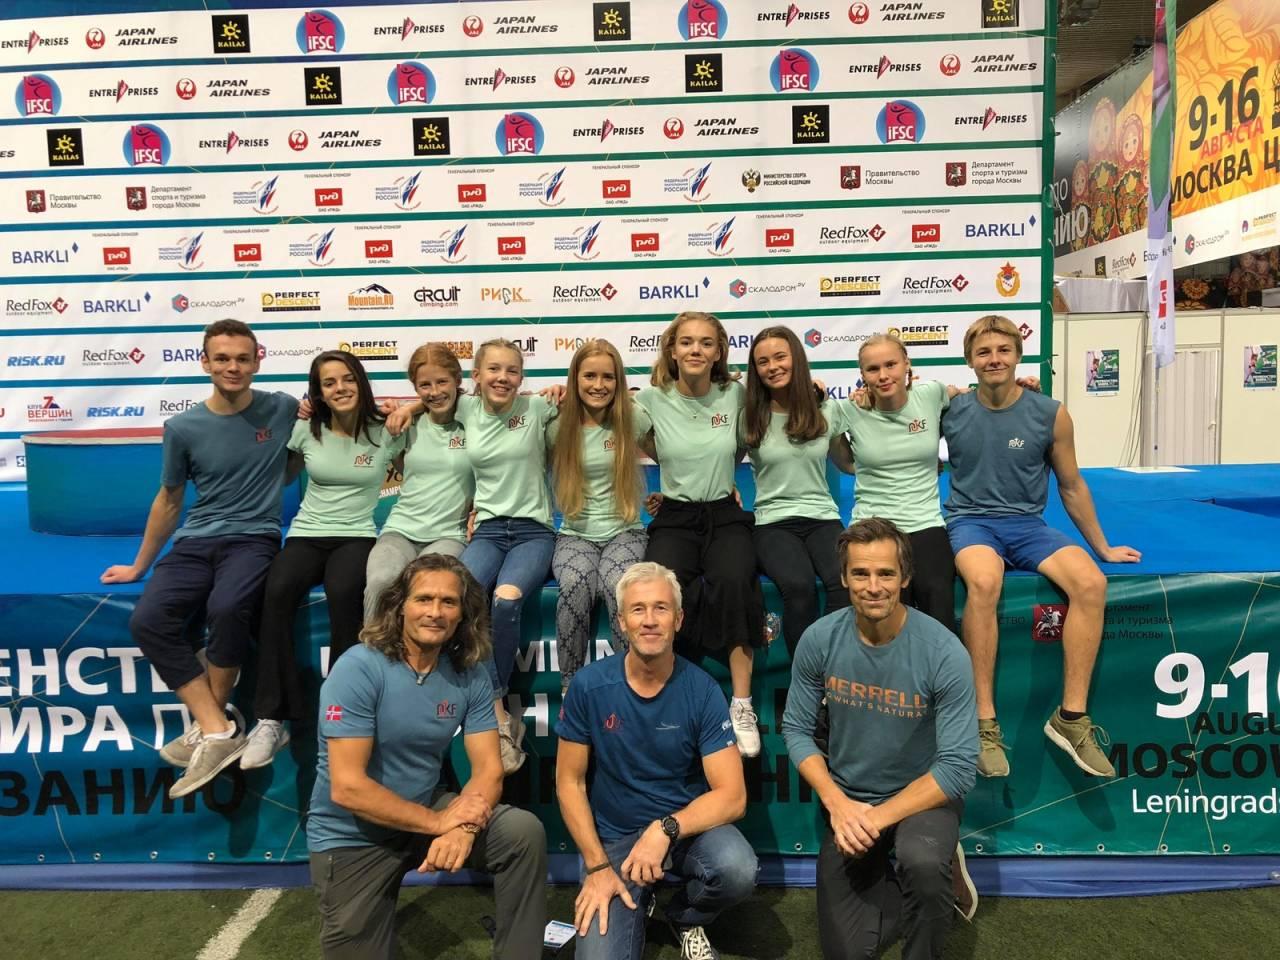 Den norske juniorlandslaget, alle bortsett fra Mia Støver Wollebæk var på plass i Brussel. Foto: Norges Klatreforbund